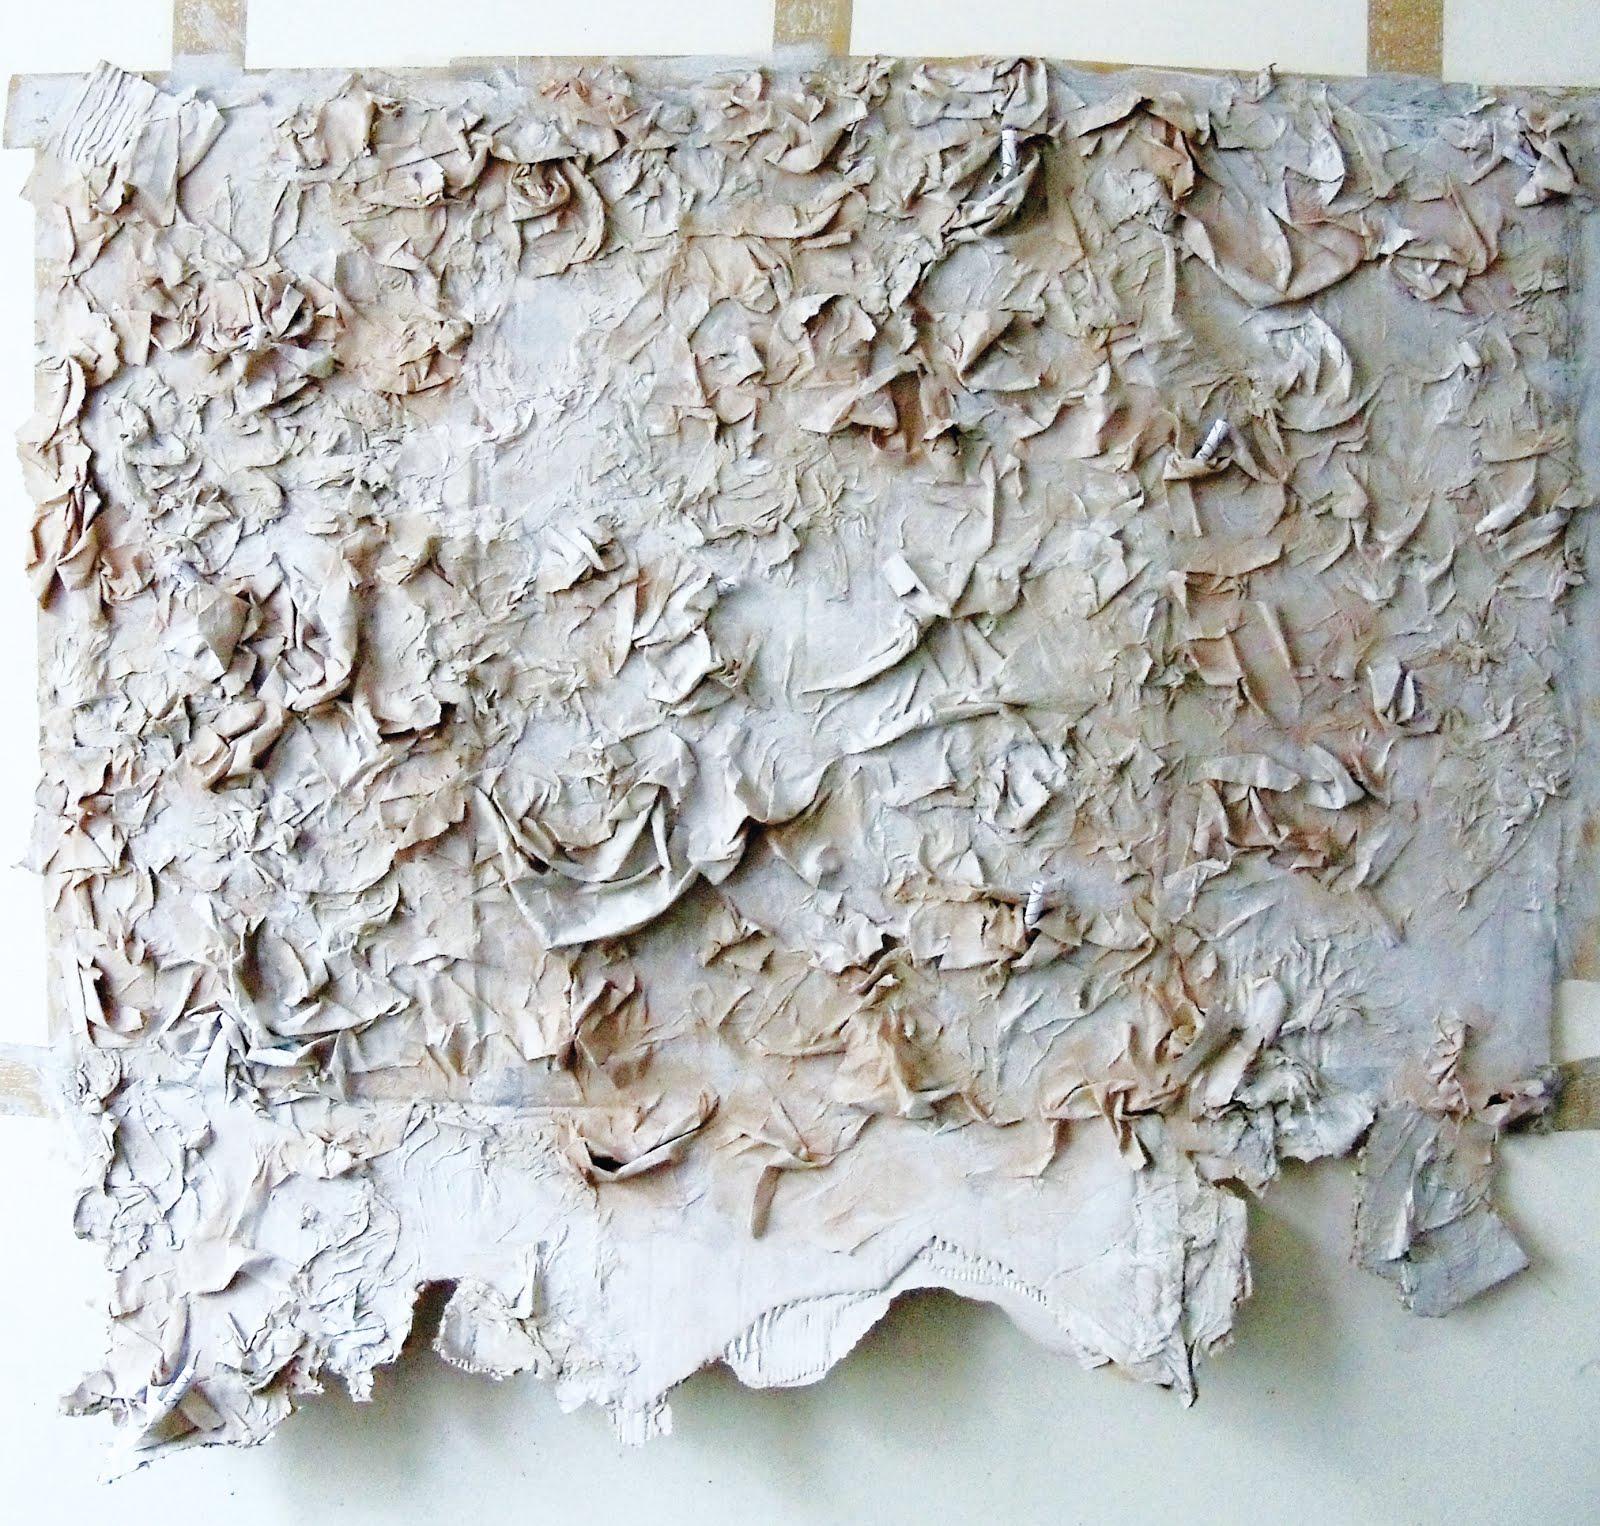 Le Mur, ou le  pansement - carton, papier, peinture - 2012